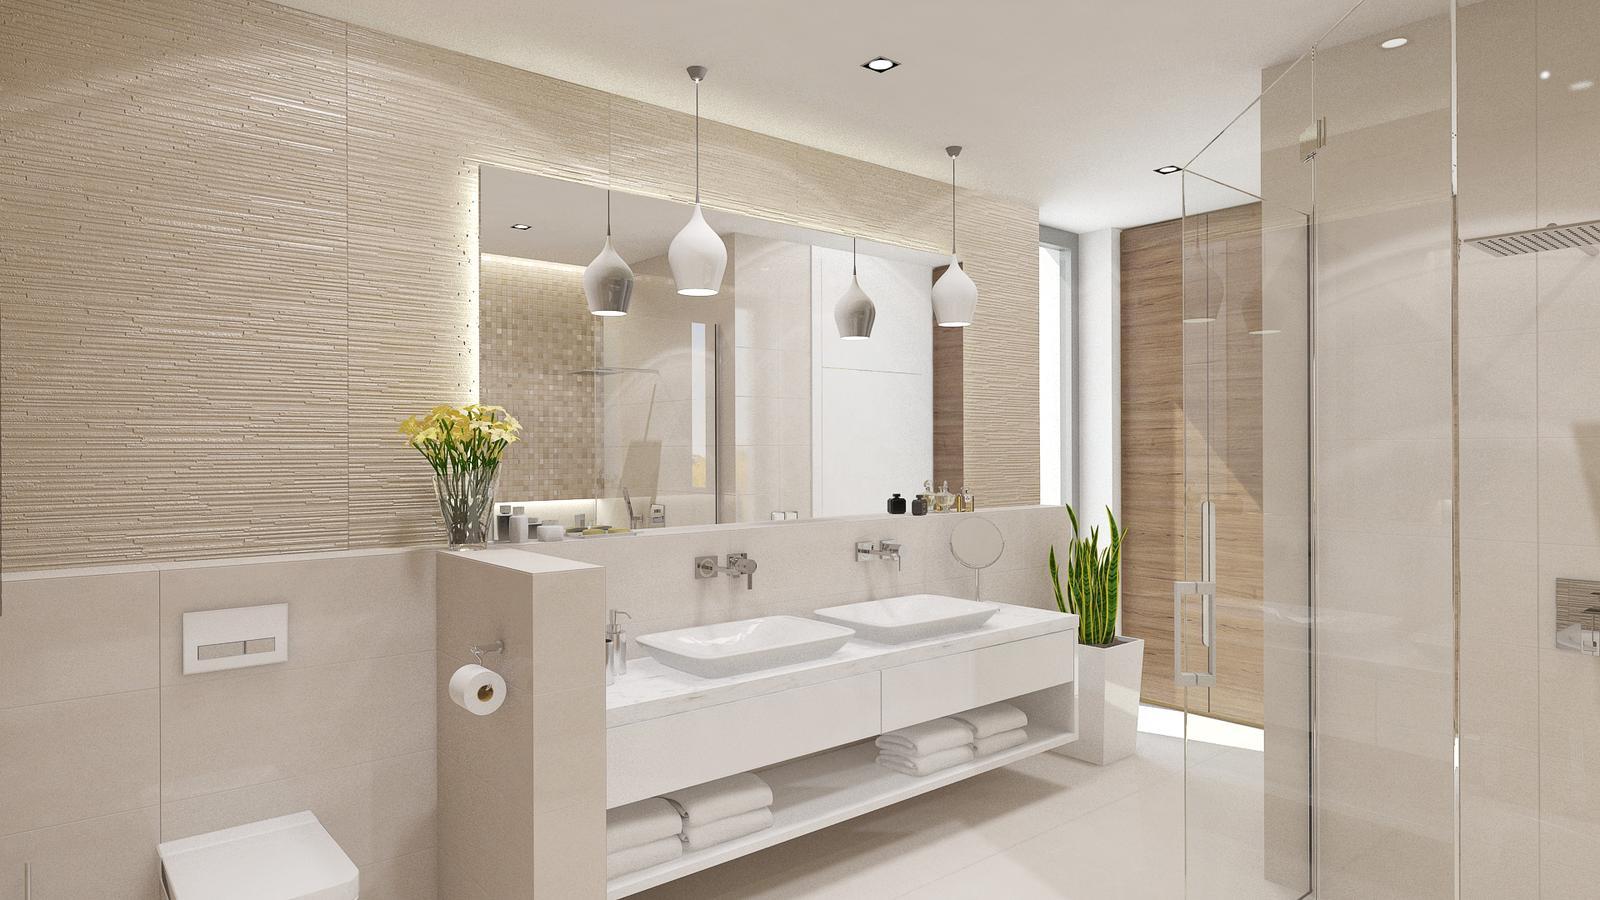 Koupelny - prostorna koupelna - dve umyvadla, vana, sprchovy kout a WC